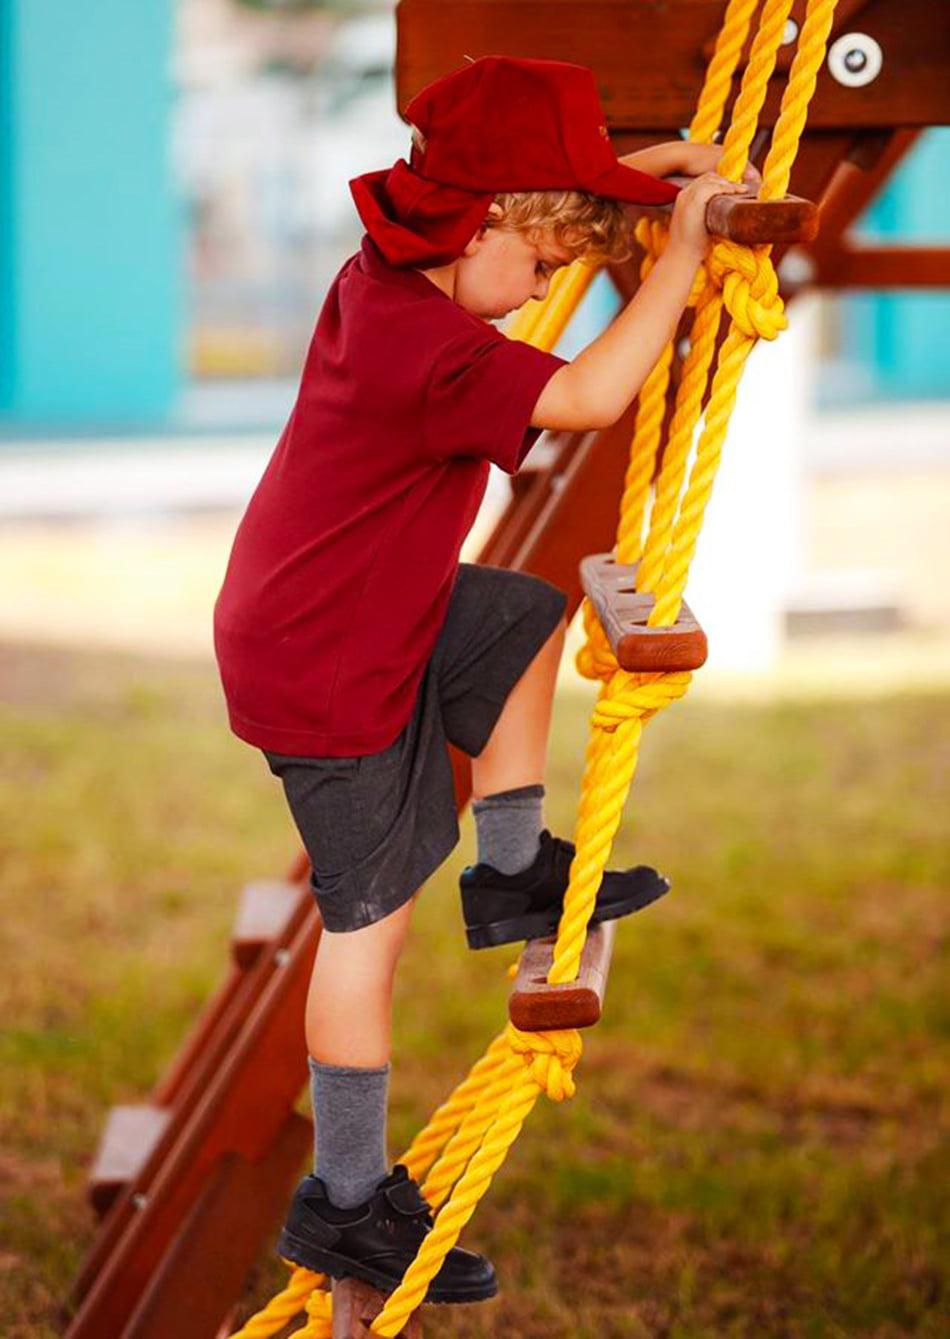 Image of children climbing at Dovecote Green Primary School in Dubai